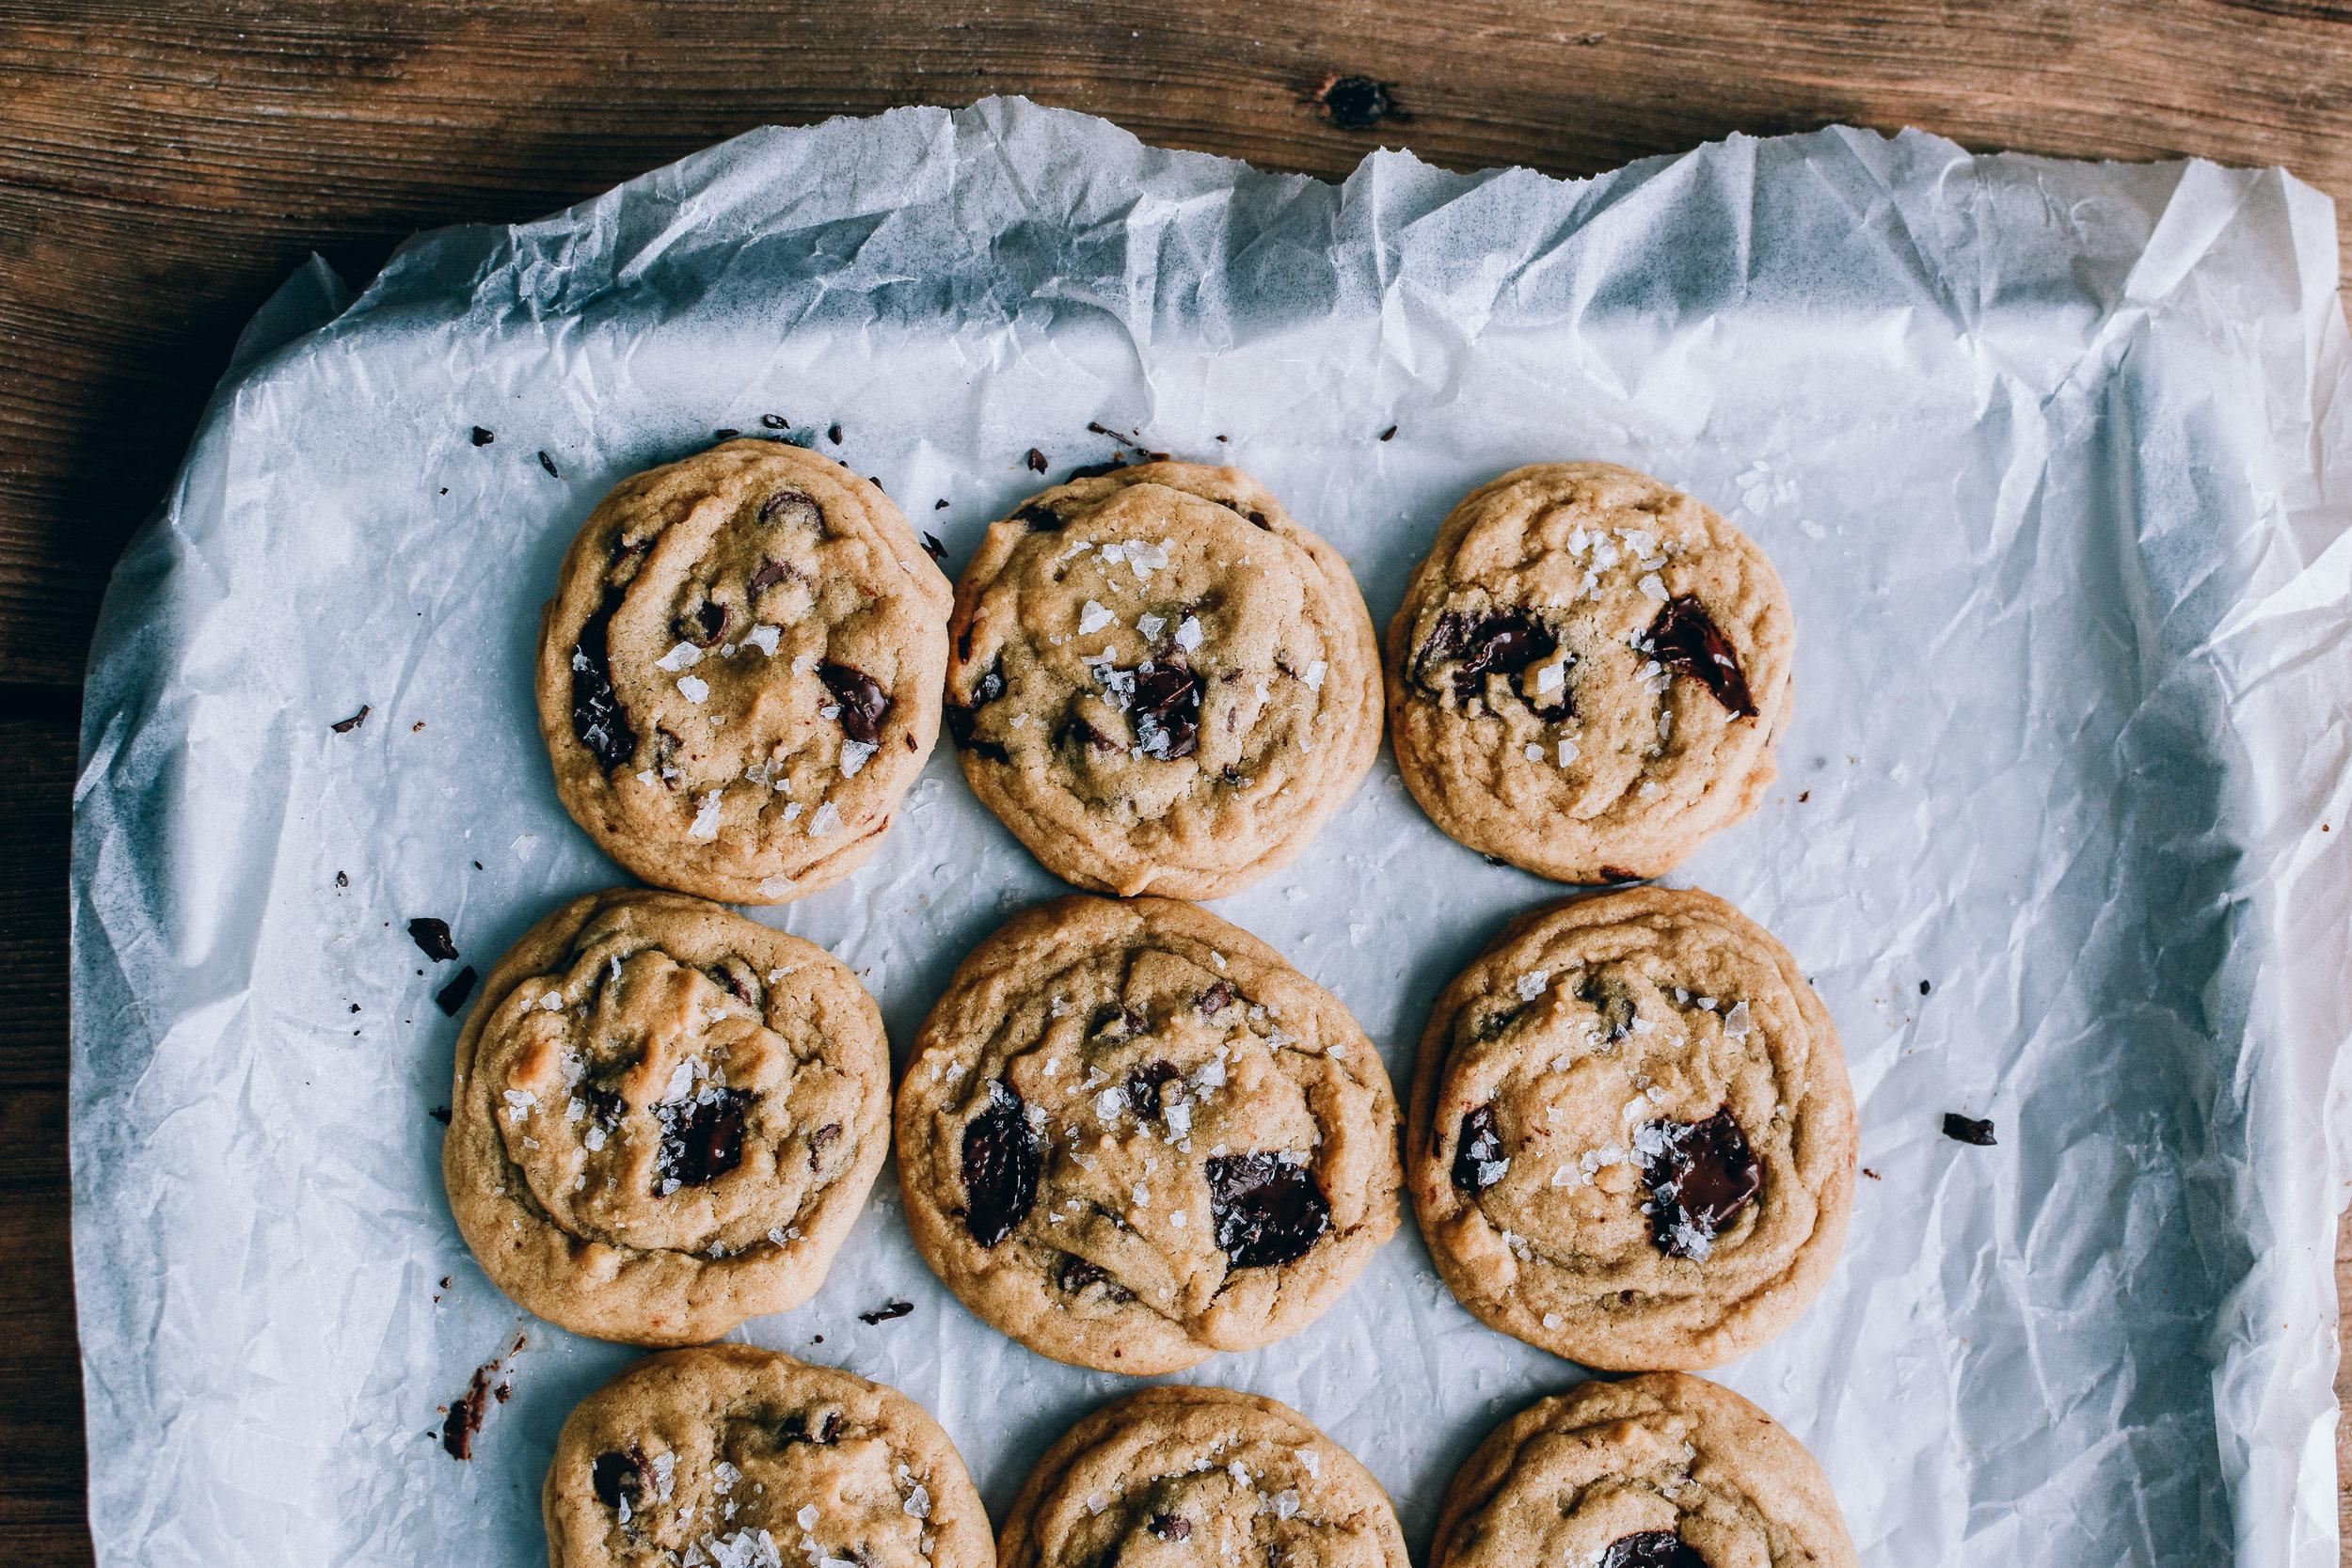 chocolatechipcookies_thefarmersdaughter-30.jpg